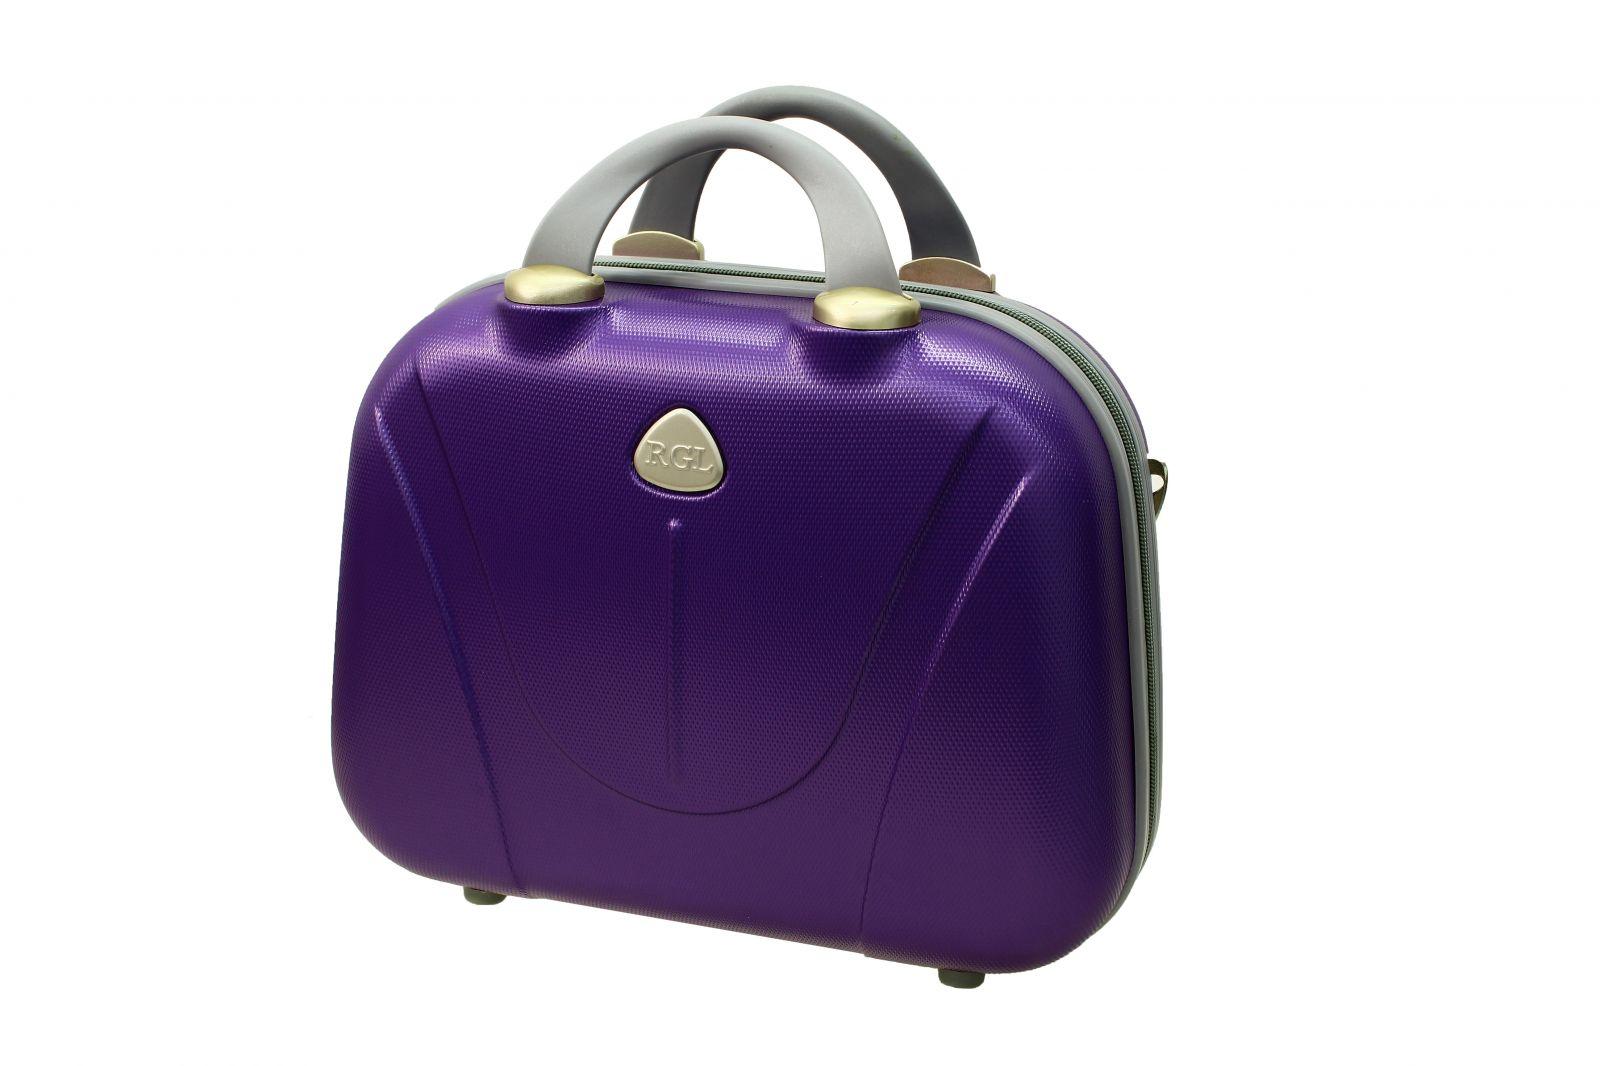 Kosmetický kufřík RGL 883 ABS VIOLET